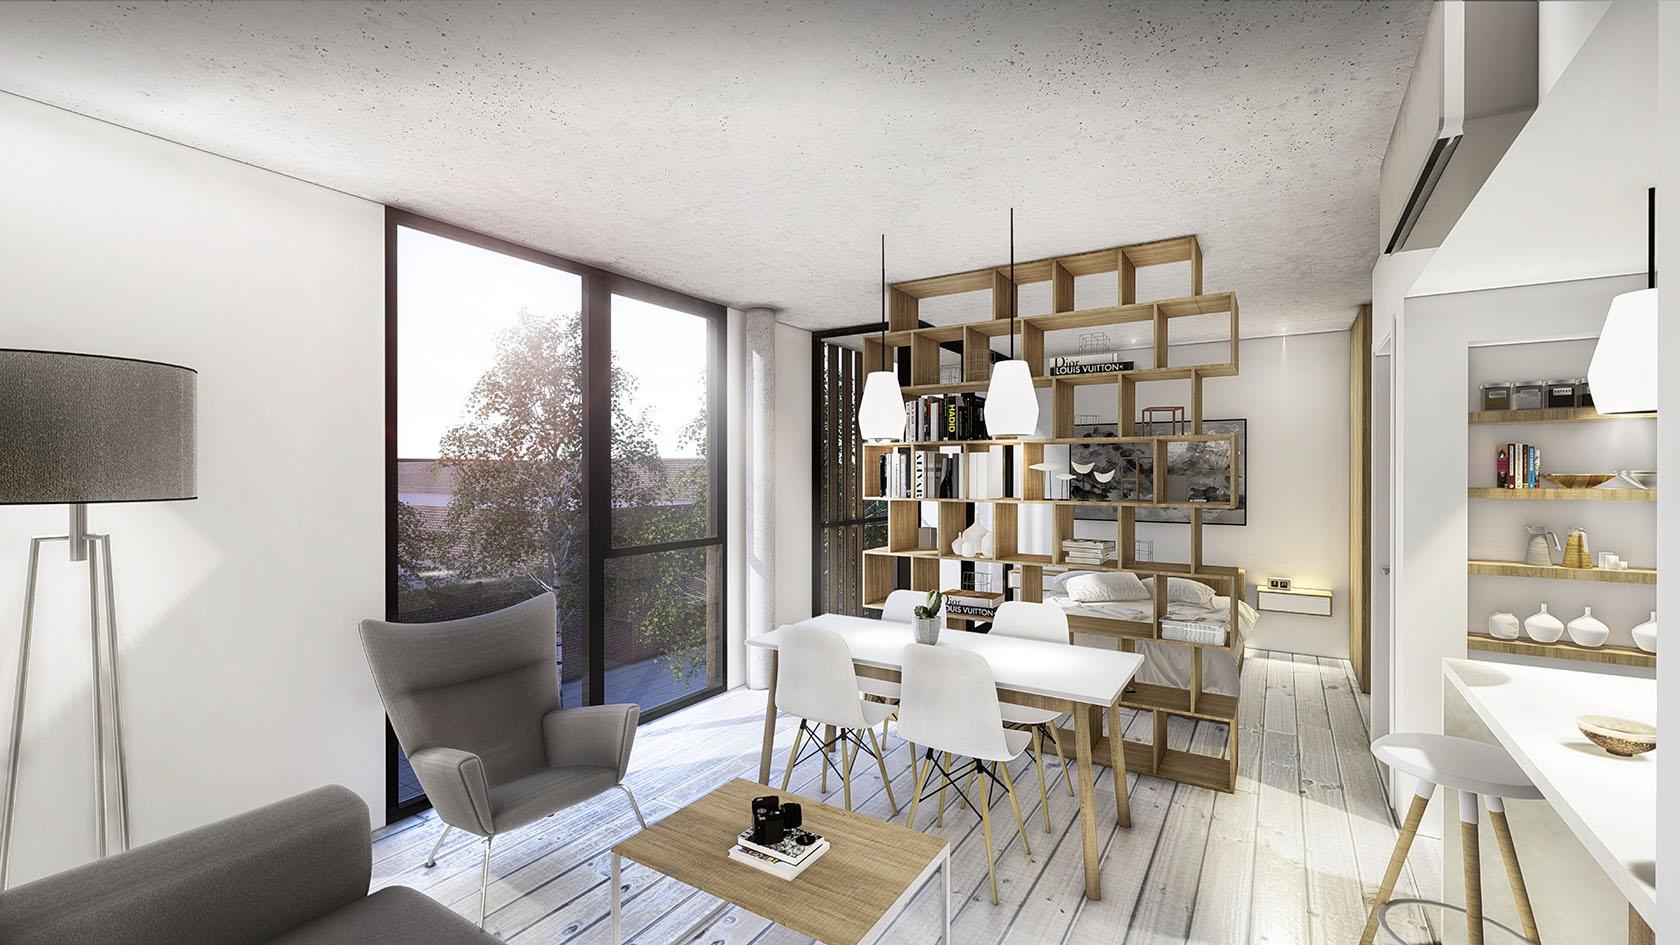 Diseño interior en departamentos, diseño de interiores en mono ambientes, optimización de espacios interiores, ambientes luminosos en departamentos